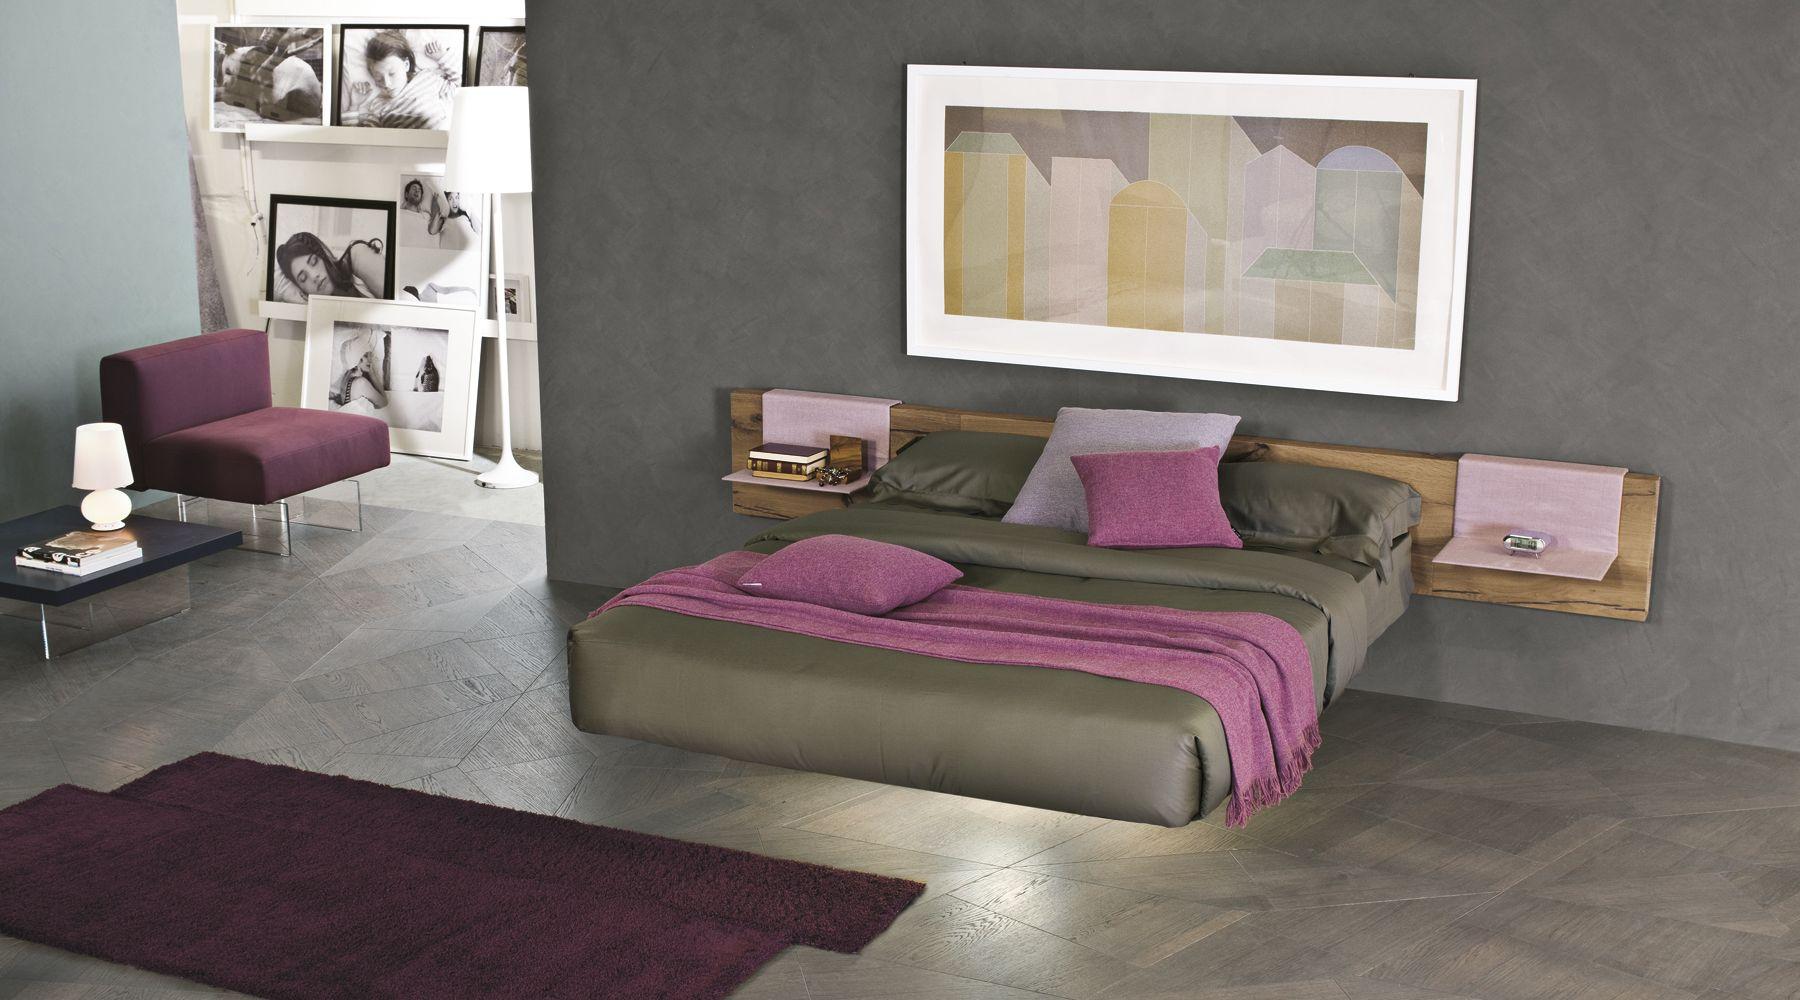 Fluttua un letto sospeso su una gamba sola rettangolare o circolare porta la magia in camera - Letto circolare ...